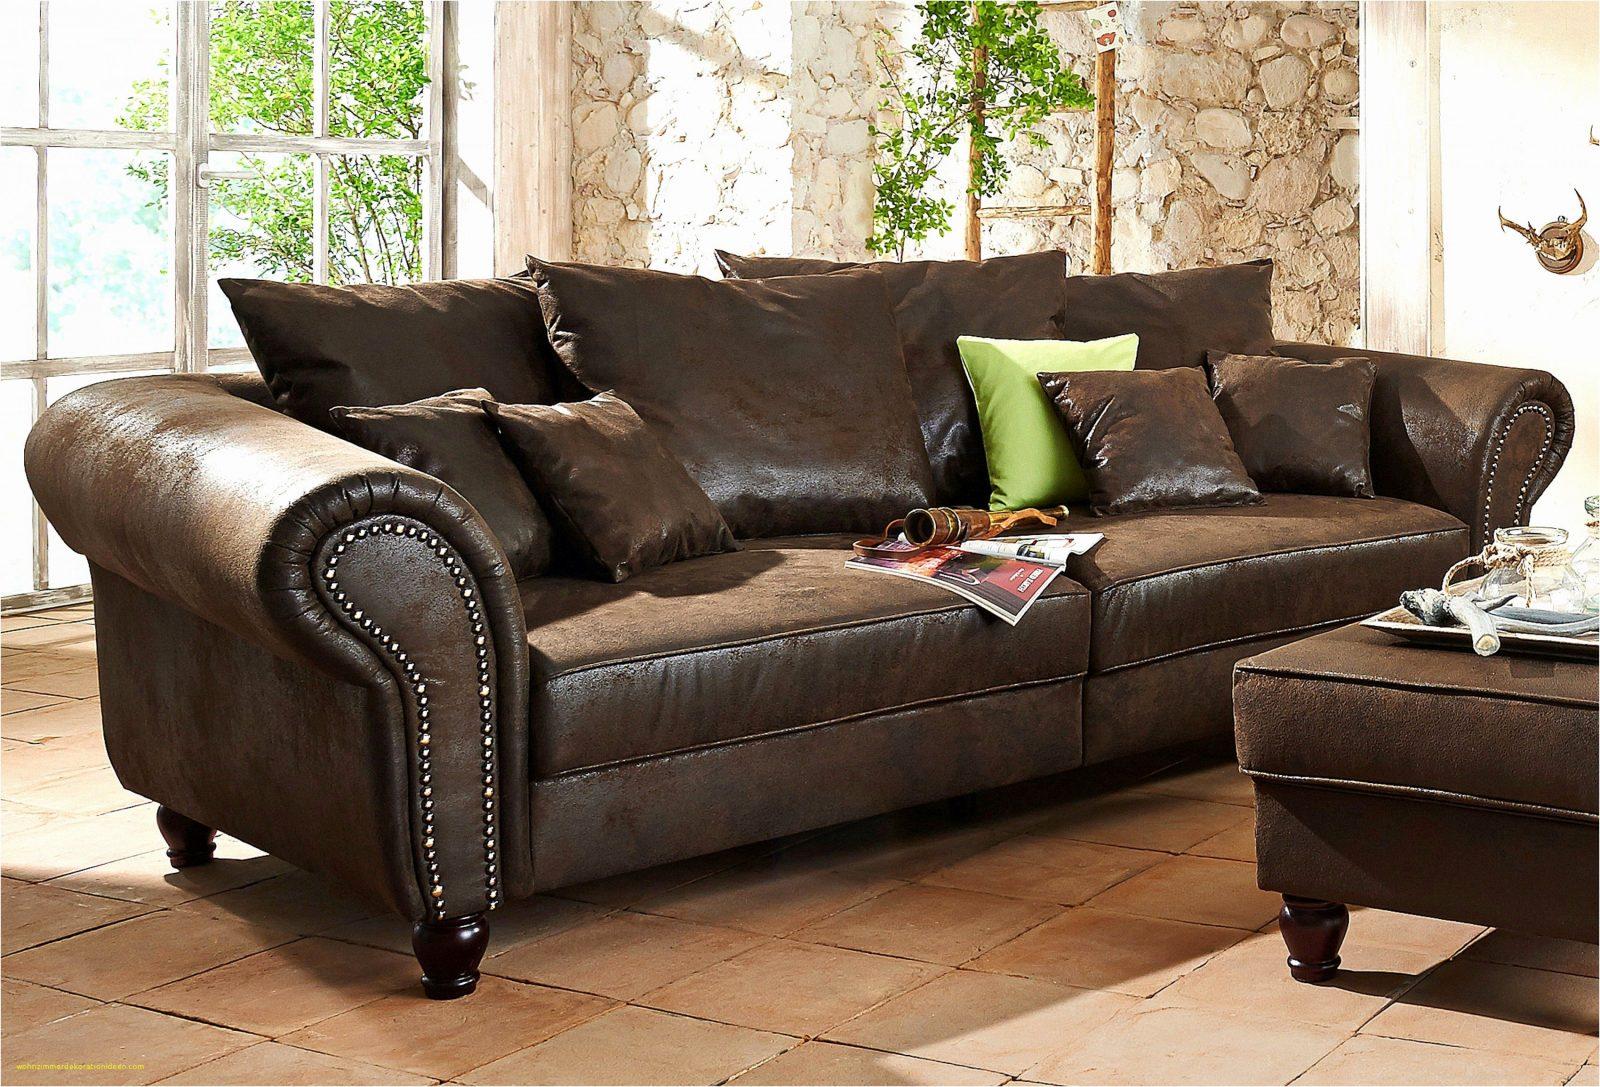 auf rechnung bestellen trotz schufa beautiful auf rechnung kaufen als neukunde elegant sofa auf. Black Bedroom Furniture Sets. Home Design Ideas